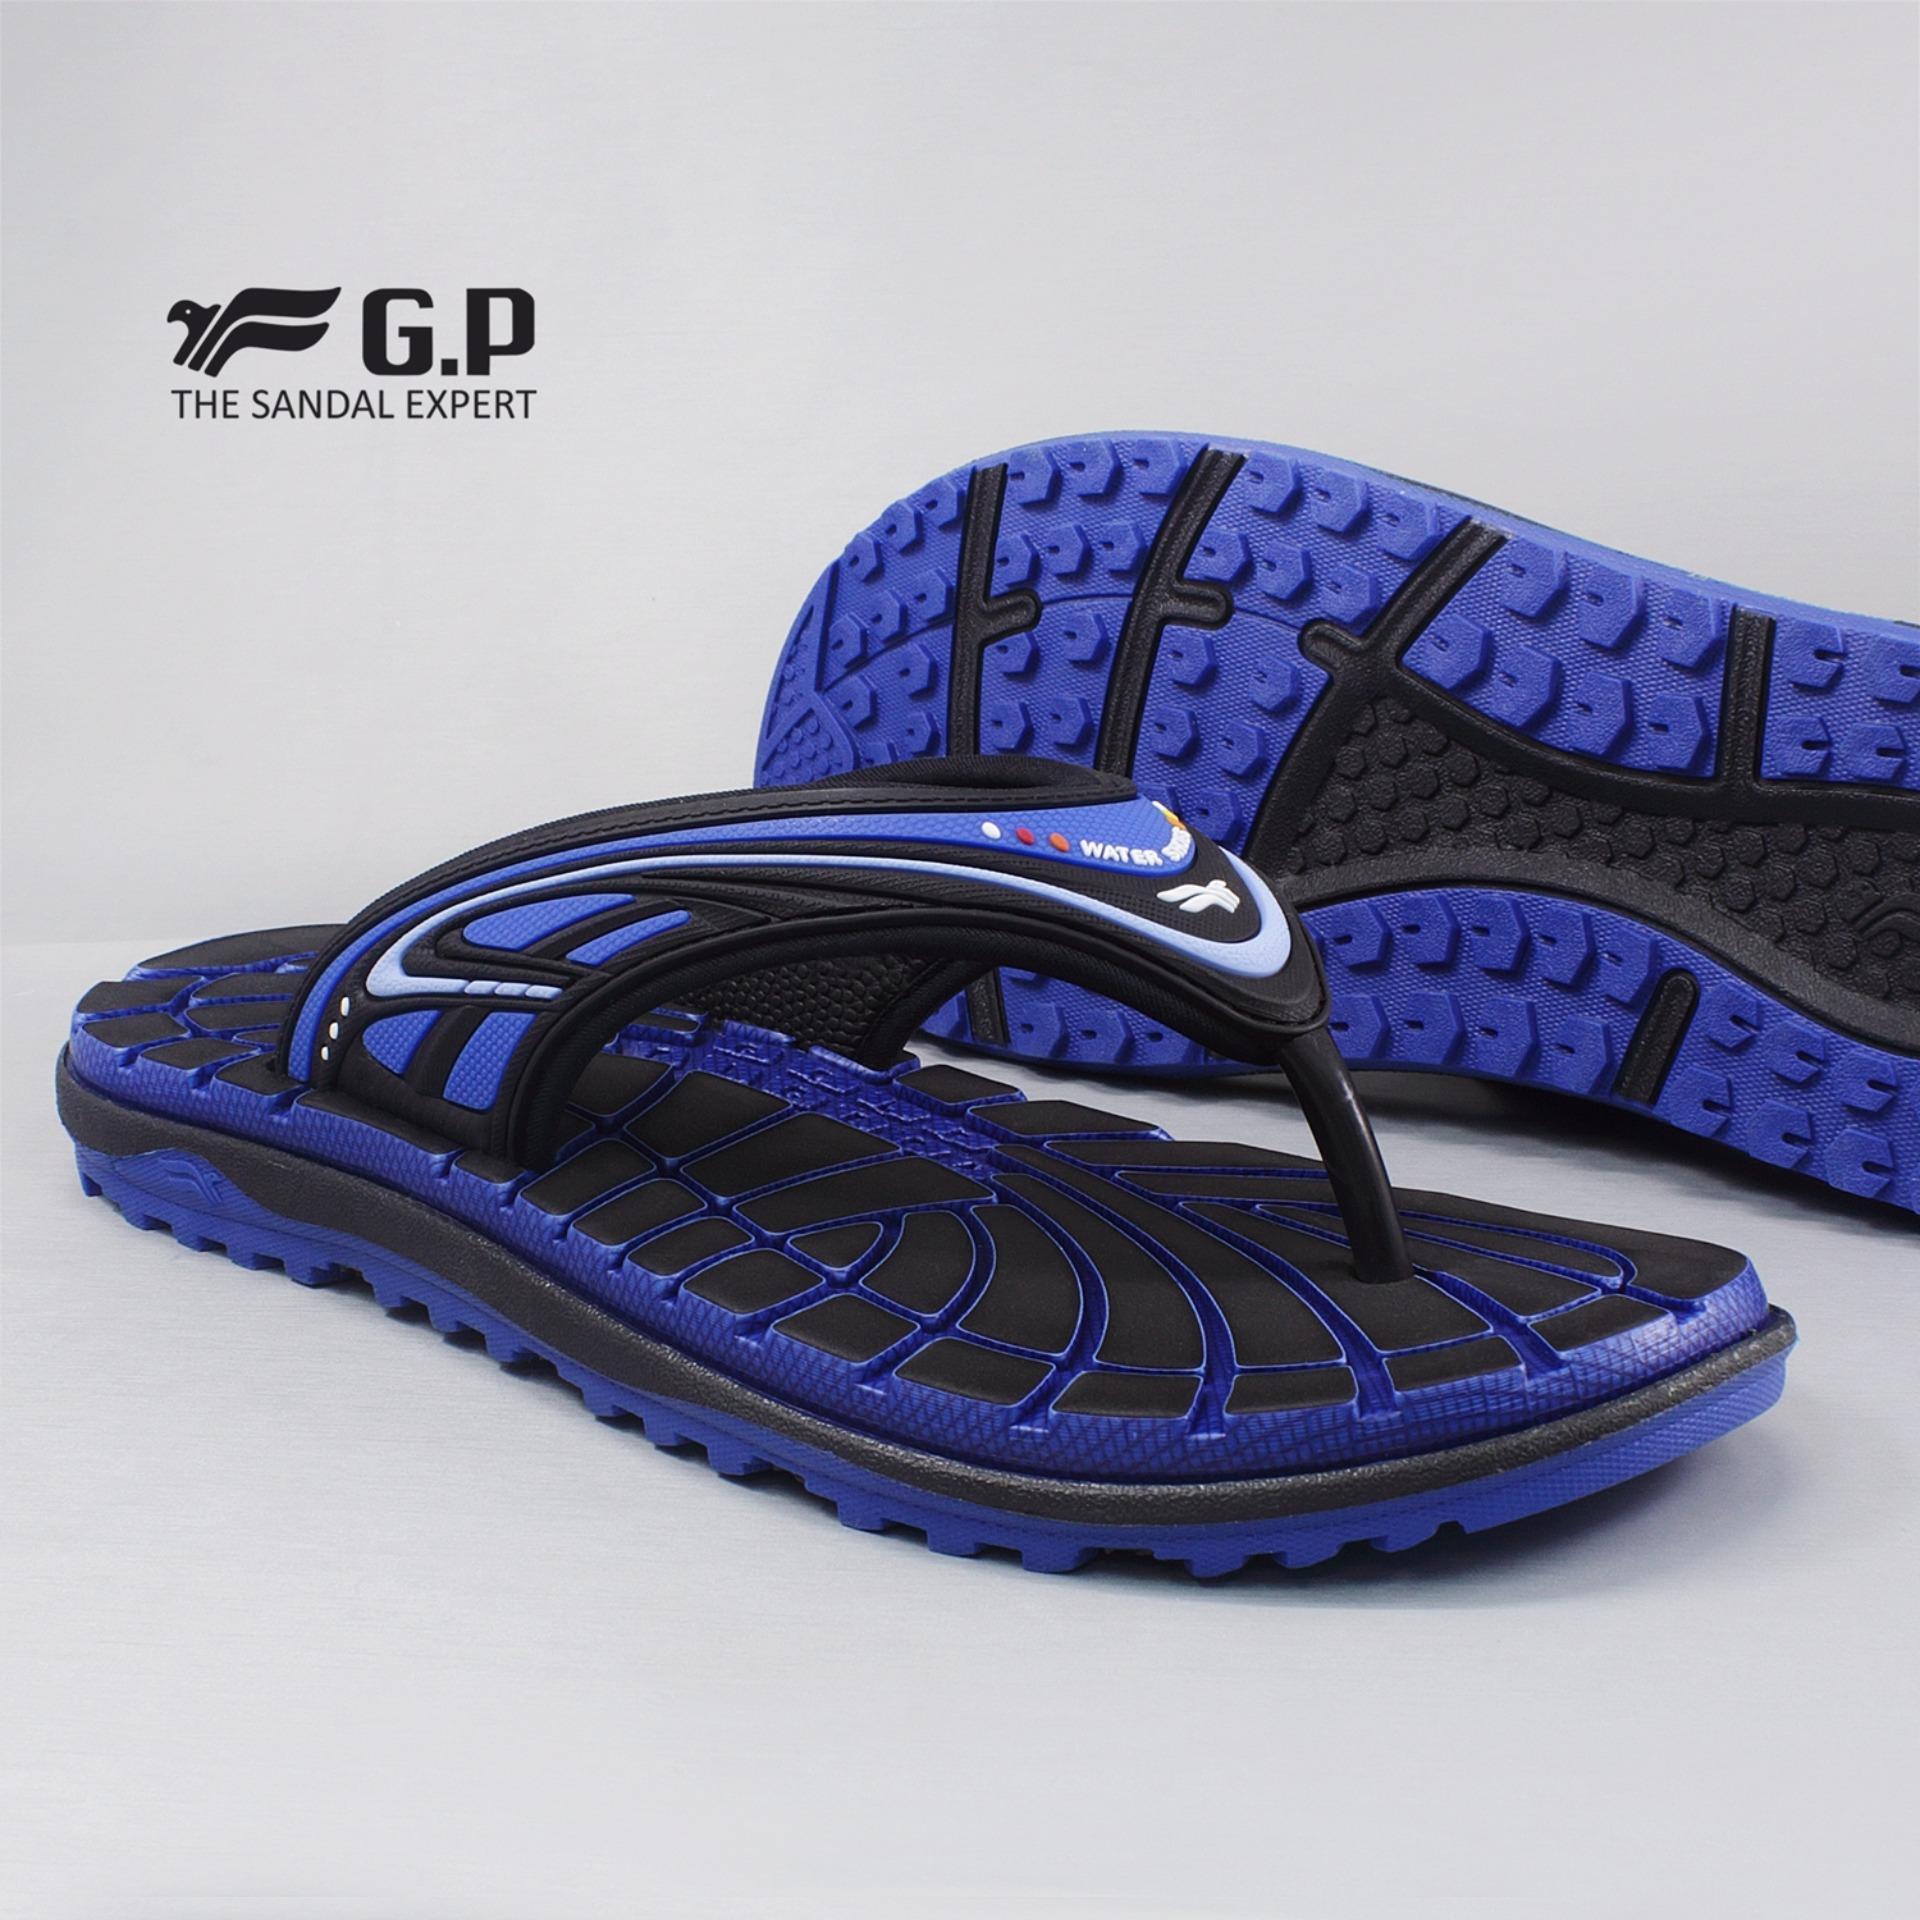 Spesifikasi New Gp Gold Pigeon Sandal Pria Elast Blue G7591 23 Dan Harganya